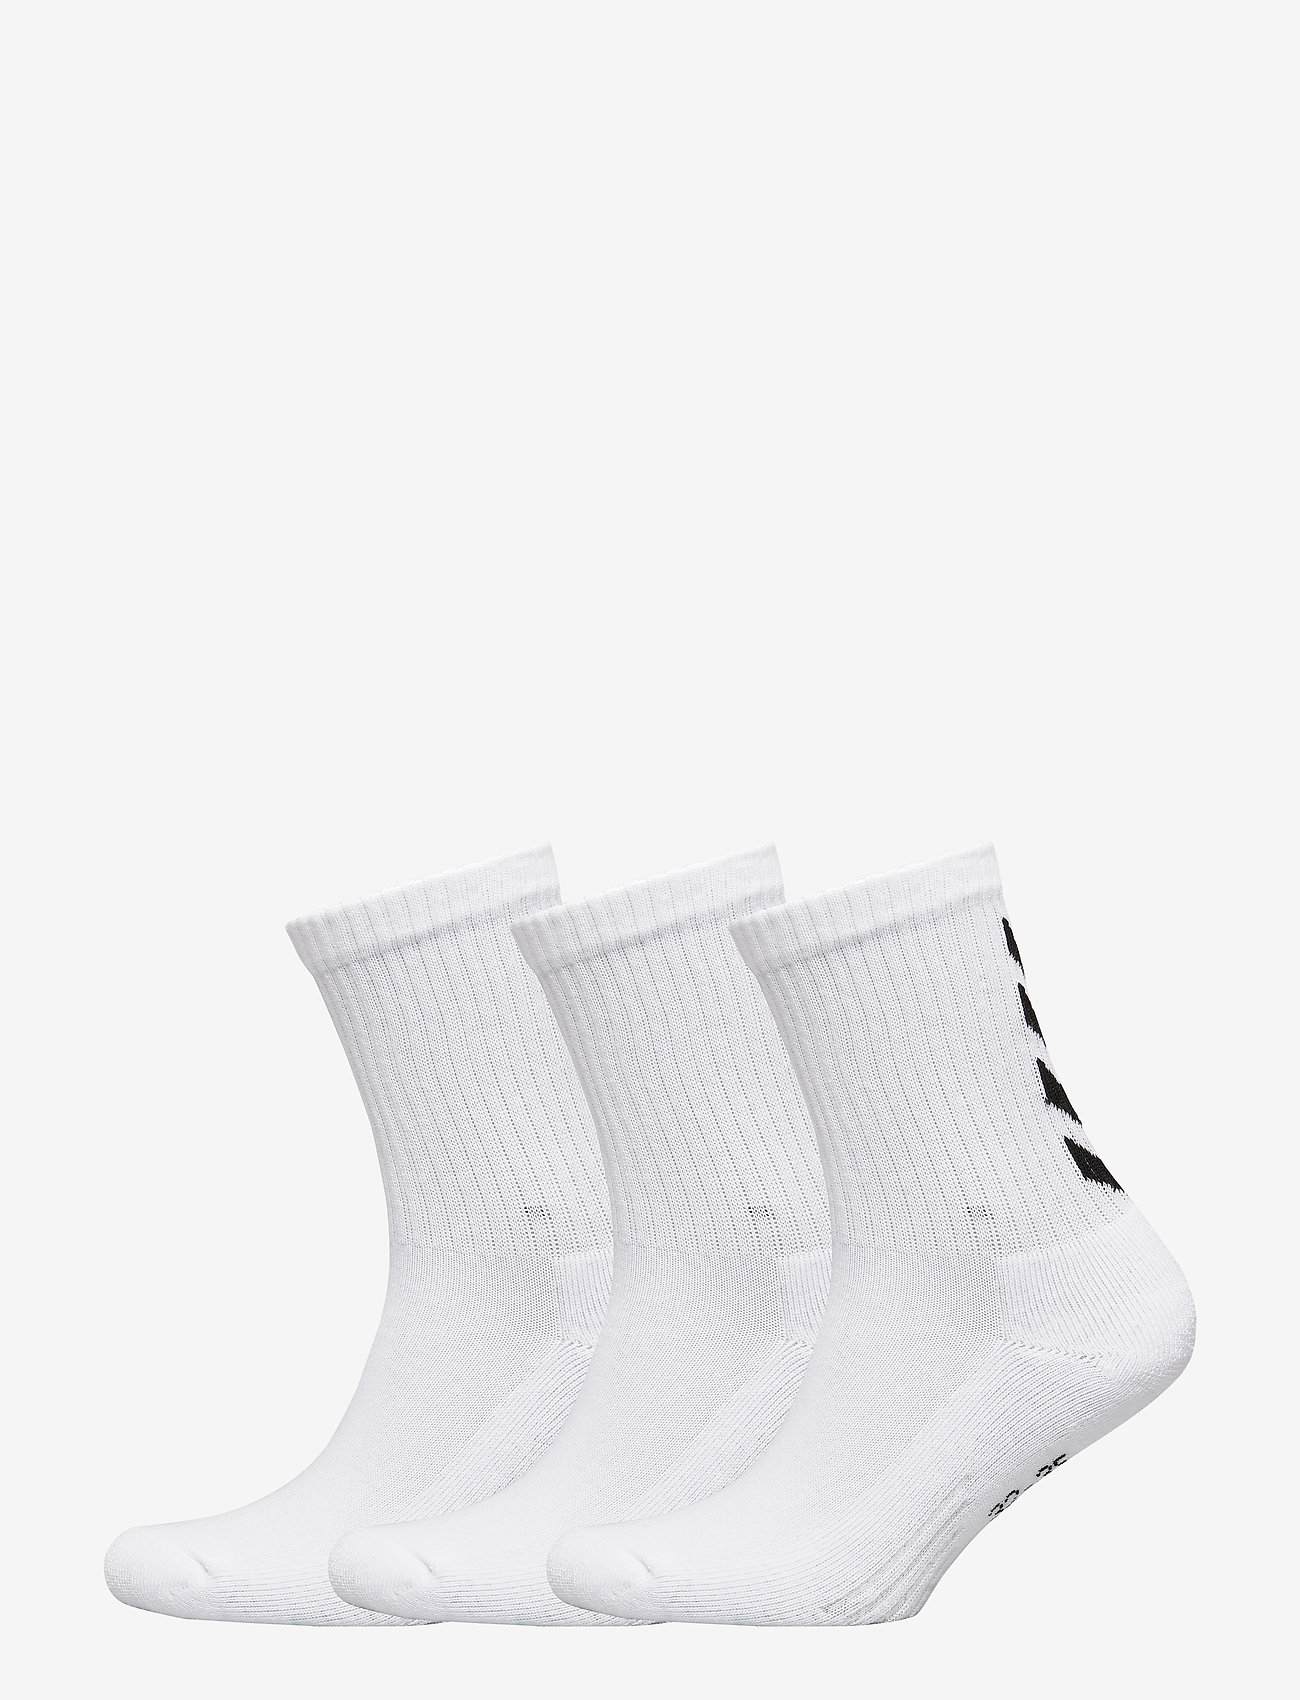 Hummel - FUNDAMENTAL 3-PACK SOCK - sokker - white - 0